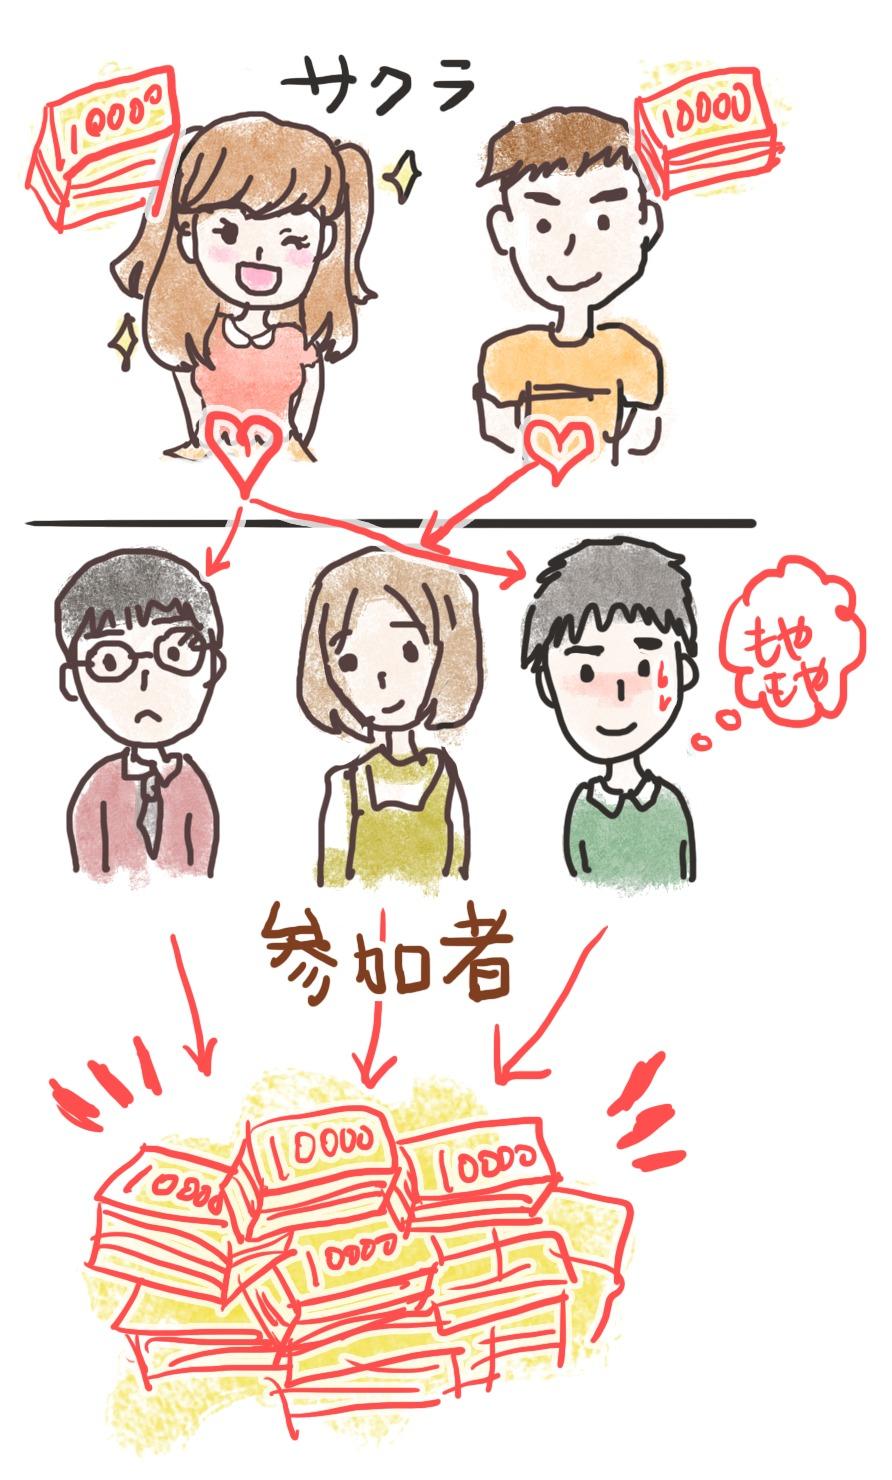 アイドルが、さくらとの確信を得ると、複雑な気持ちになった講師川島